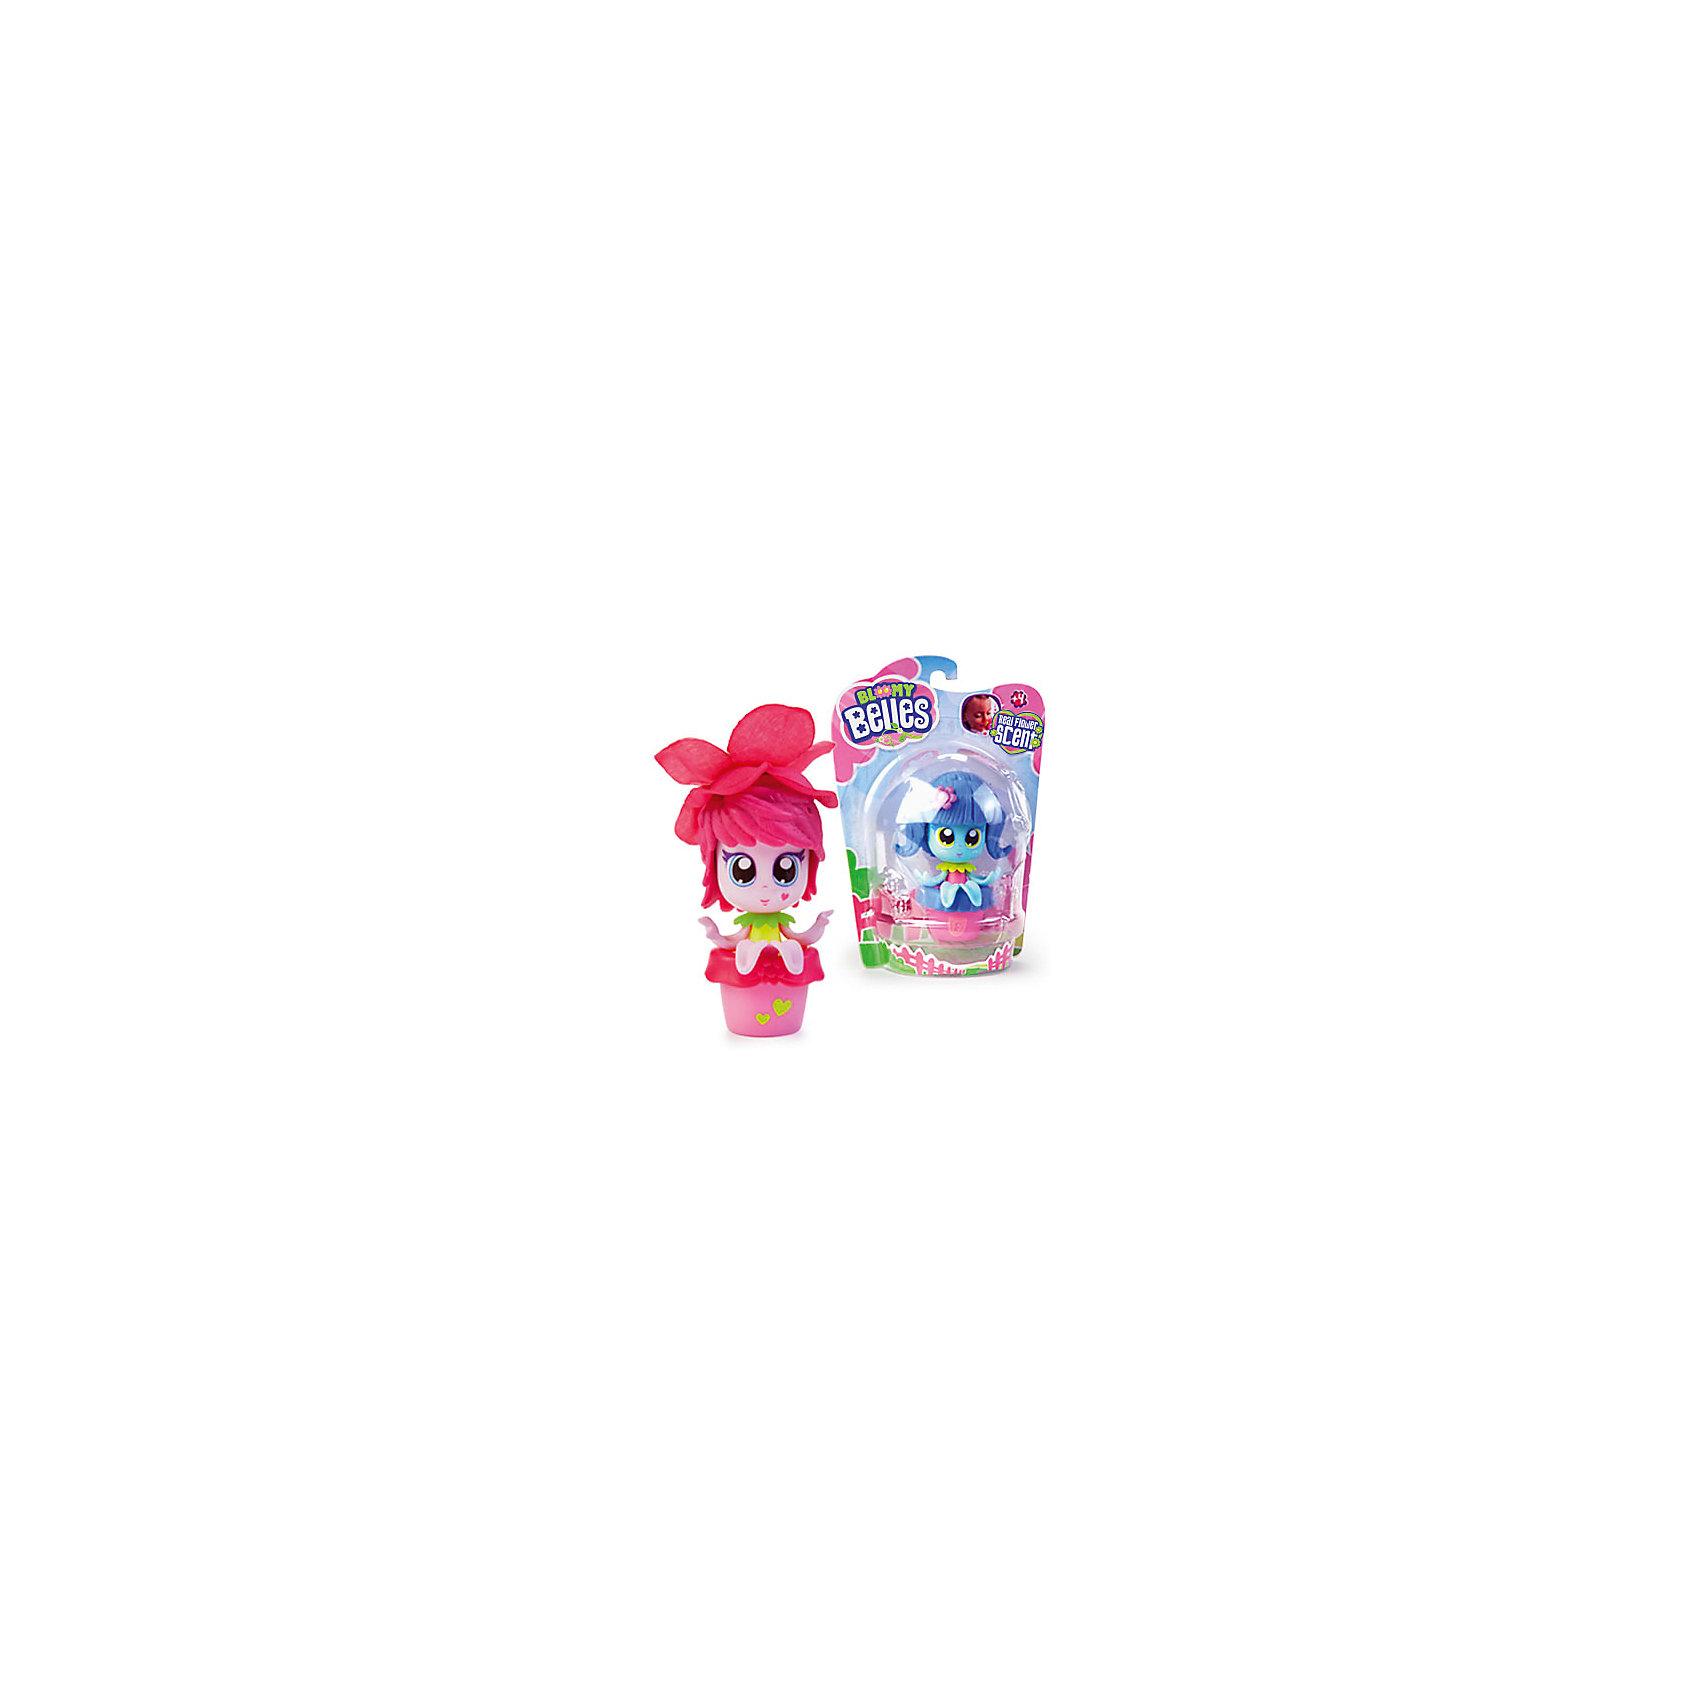 Кукла Девочка-цветок, Toy ShockКукла Девочка-цветок, Toy Shock (Той Шок) - это прекрасный подарок для девочки.<br>Кукла Девочка-цветок создана торговой маркой Toy Shock (Той Шок), производящей красивые и функциональные игрушки. В прекрасном волшебном саду живут необычные подружки - девочки-цветы: Лола, Роуз, Даффи, Лили и Глэдис. Девочки растут в цветочных горшочках, у них разноцветные волосы украшенные цветами, и они издают настоящий цветочный аромат. А еще маленькие подружки могут меняться волосами и горшочками. Ведь разбирать и собирать игрушку-цветочек - это очень занимательно. Любая девочка будет рада собрать всю коллекцию этих оригинальных куколок! Товар сертифицирован, соответствует ГОСТу. <br><br>Дополнительная информация:<br><br>- Высота куклы: 5 см.<br>- Материал: пластмасса<br>- ВНИМАНИЕ! Данный артикул представлен в разных вариантах исполнения. К сожалению, заранее выбрать определенный вариант невозможно. При заказе нескольких кукол возможно получение одинаковых<br><br>Куклу Девочка-цветок, Toy Shock (Той Шок) можно купить в нашем интернет-магазине.<br><br>Ширина мм: 110<br>Глубина мм: 70<br>Высота мм: 150<br>Вес г: 100<br>Возраст от месяцев: 48<br>Возраст до месяцев: 108<br>Пол: Женский<br>Возраст: Детский<br>SKU: 4747491